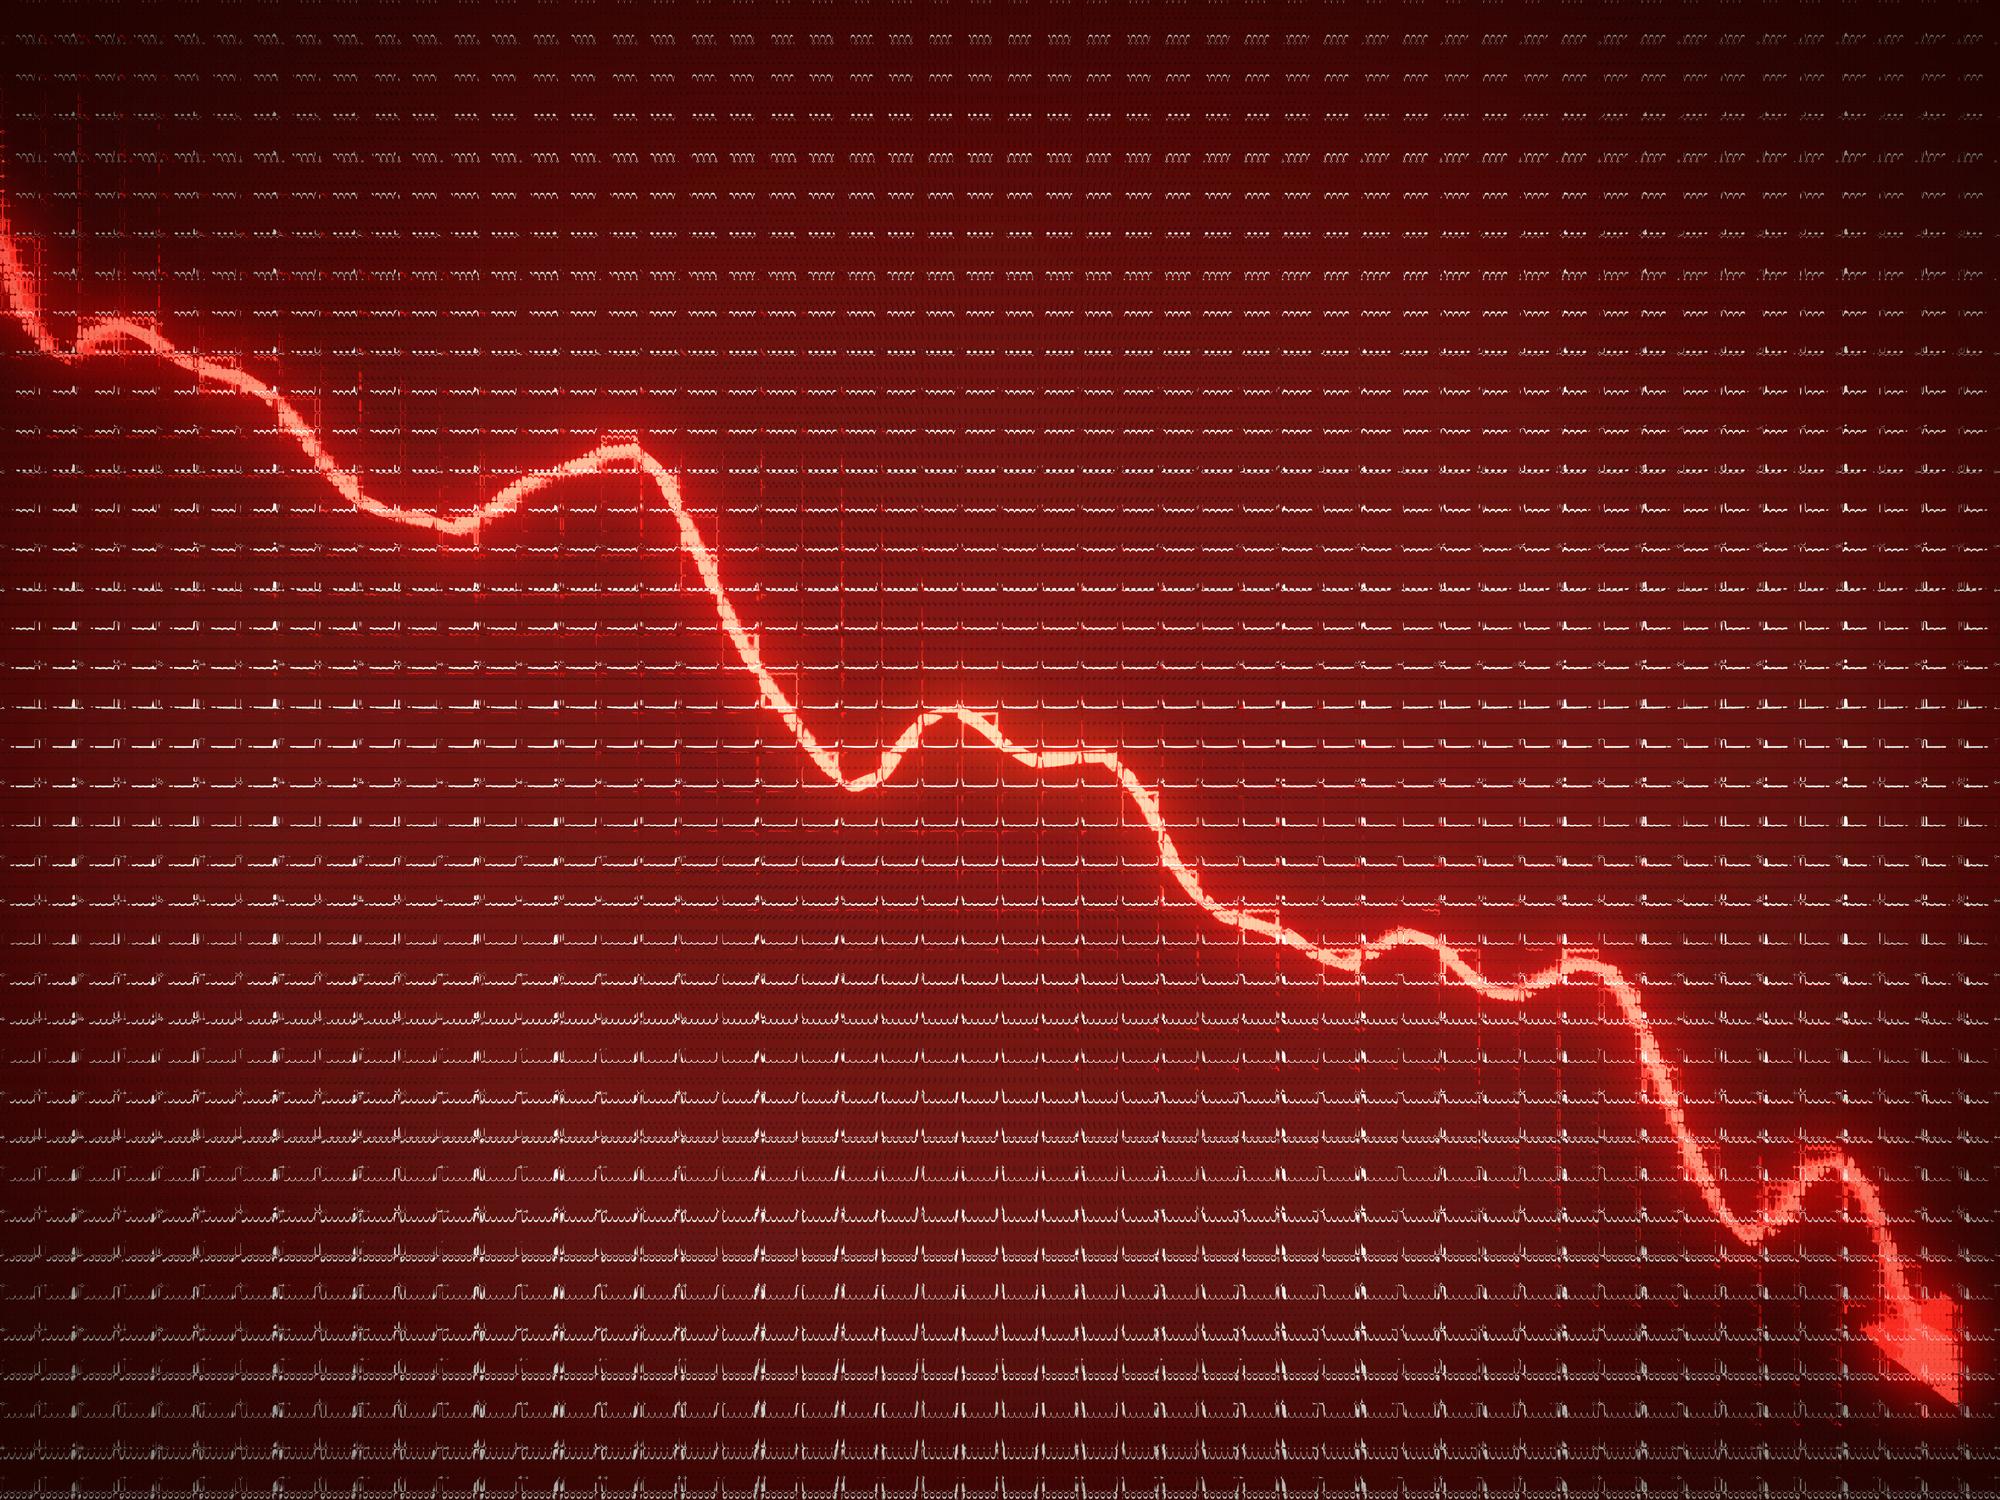 Red stock arrow trending down.